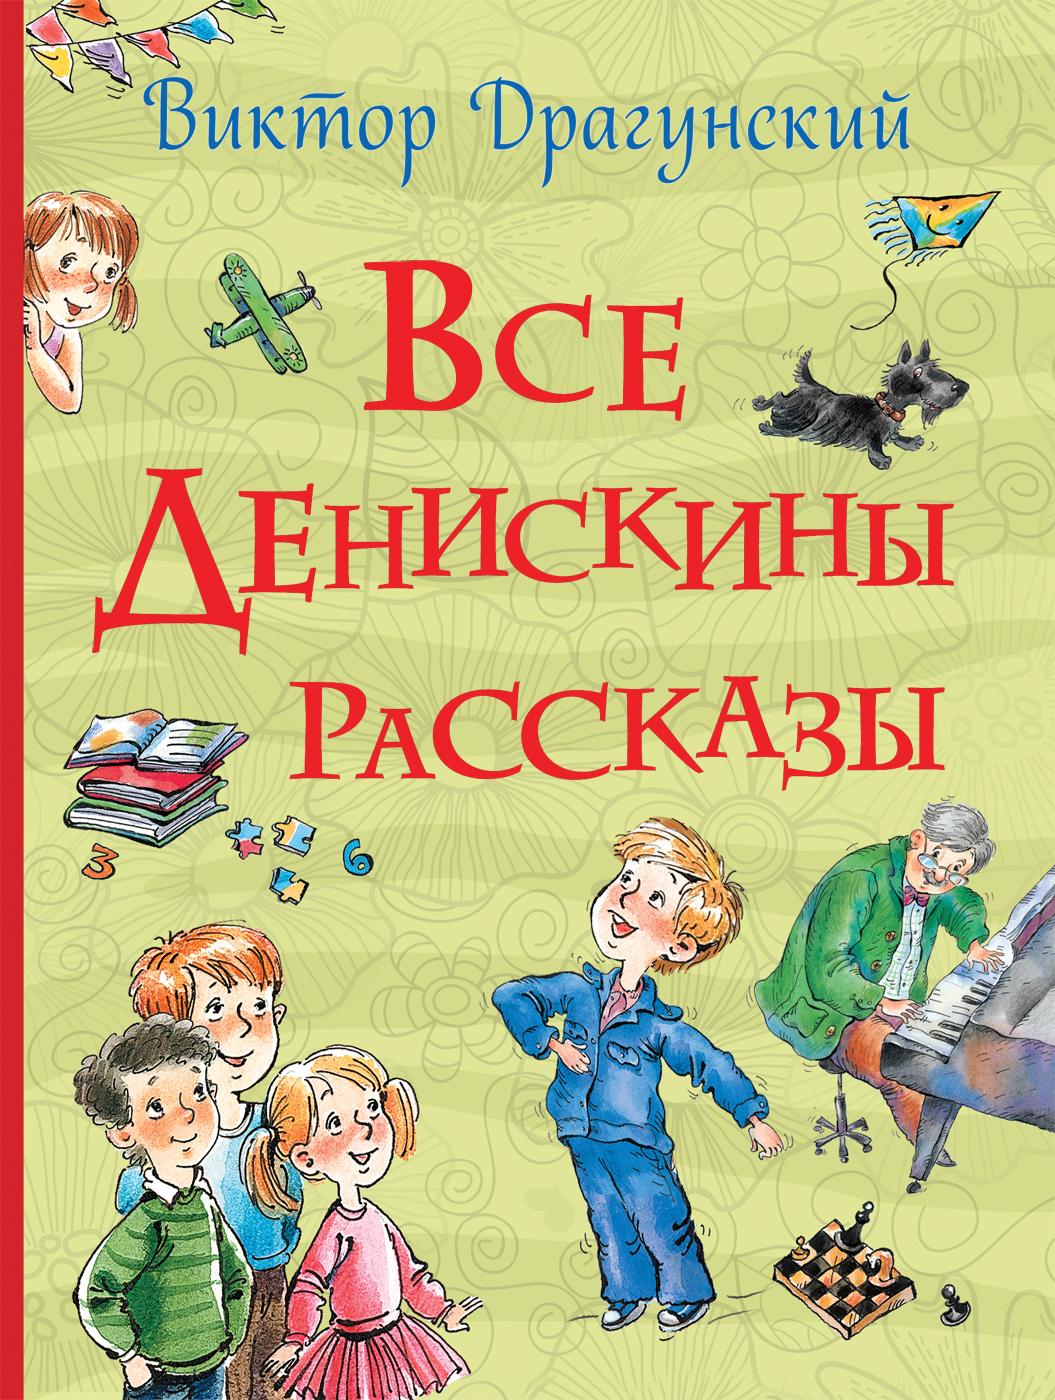 Драгунский В.Ю. Все Денискины рассказы (Все истории) виктор драгунский шляпа гроссмейстера